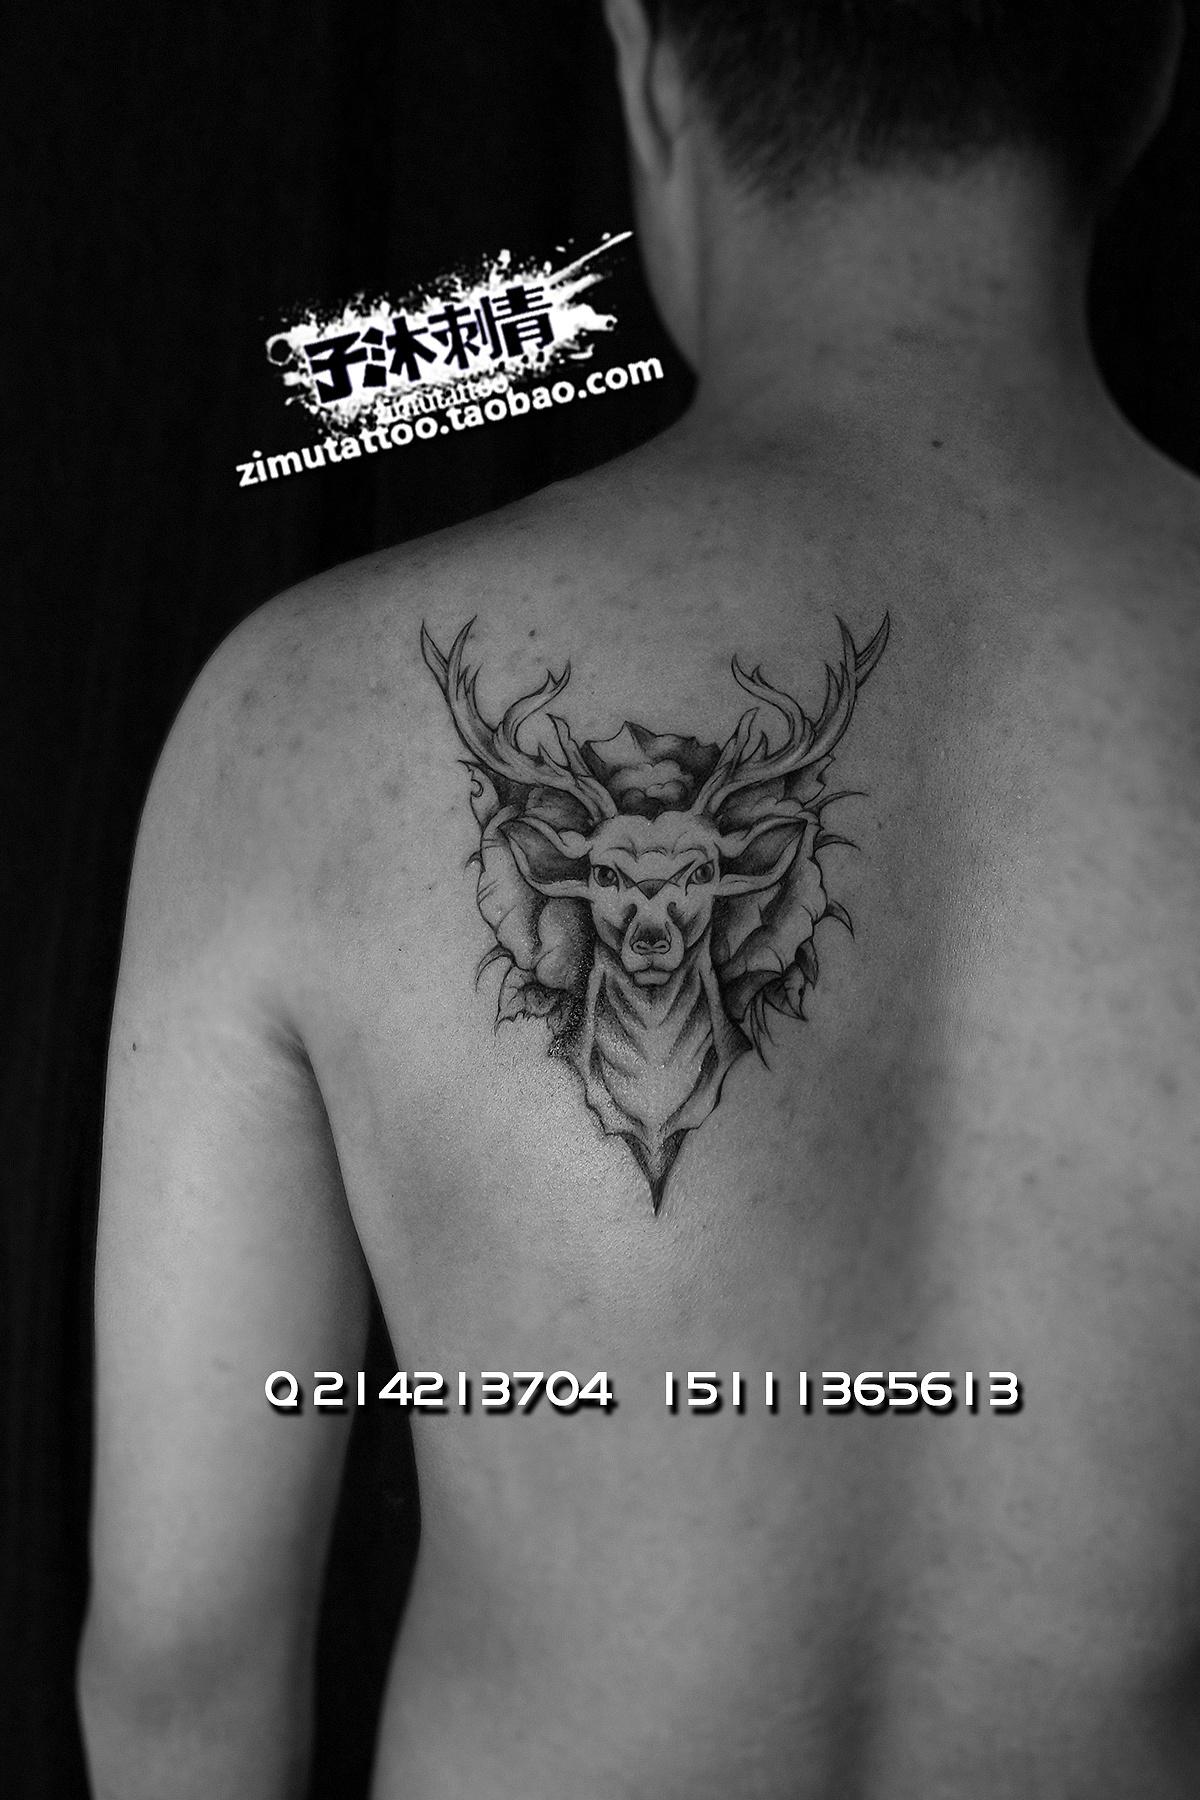 id夜雨龙门 子沐刺青 纹身设计 无限画工厂 428600130611387 纹身设计